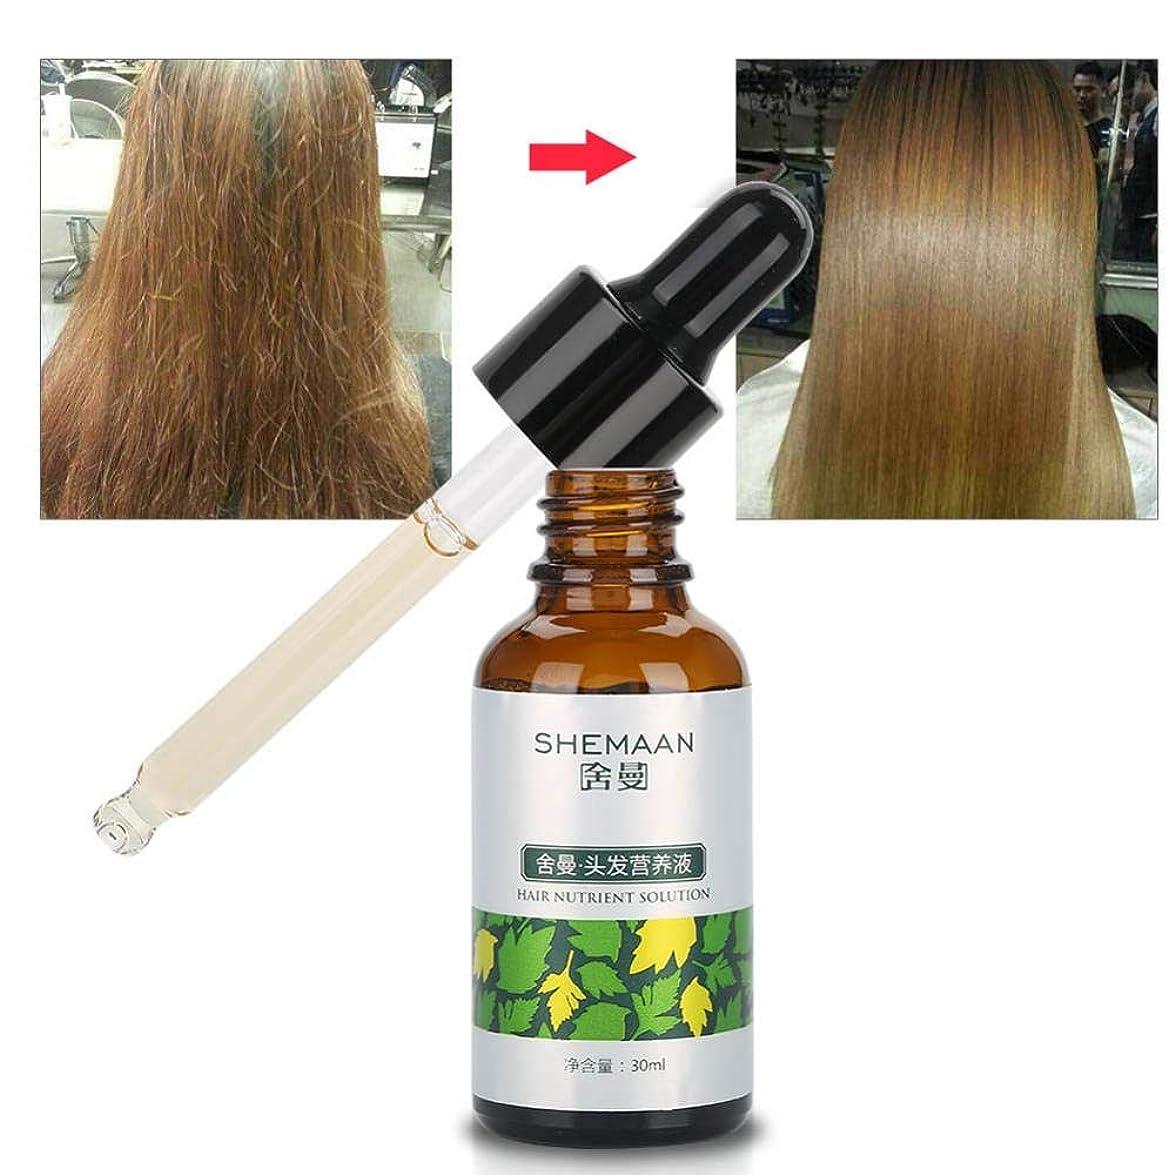 パントリーキャッシュ感嘆符オイルヘア製品、30mlユニセックスセラムにより、髪を滑らかで柔らかく、明るい髪にします。髪のもつれや枝毛を減らします。